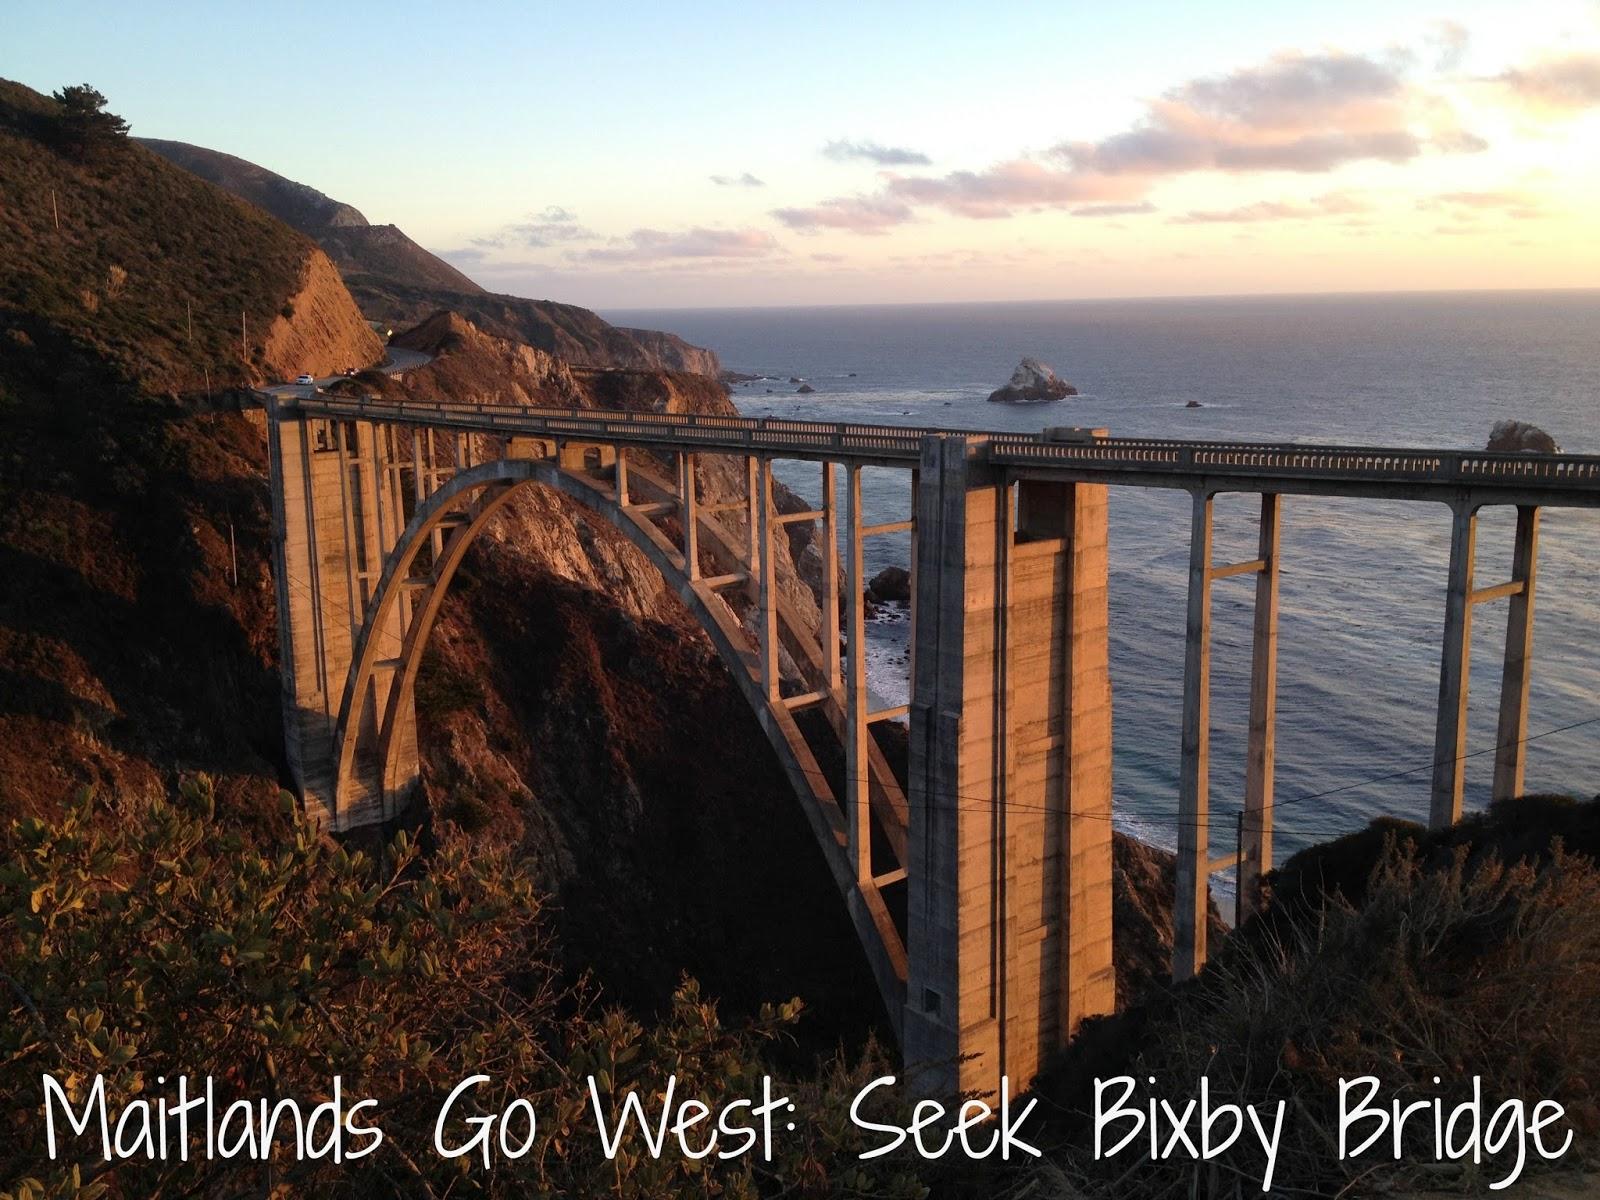 Andrea's Adventures: Maitlands Go West: 17-Mile Drive & Big Sur